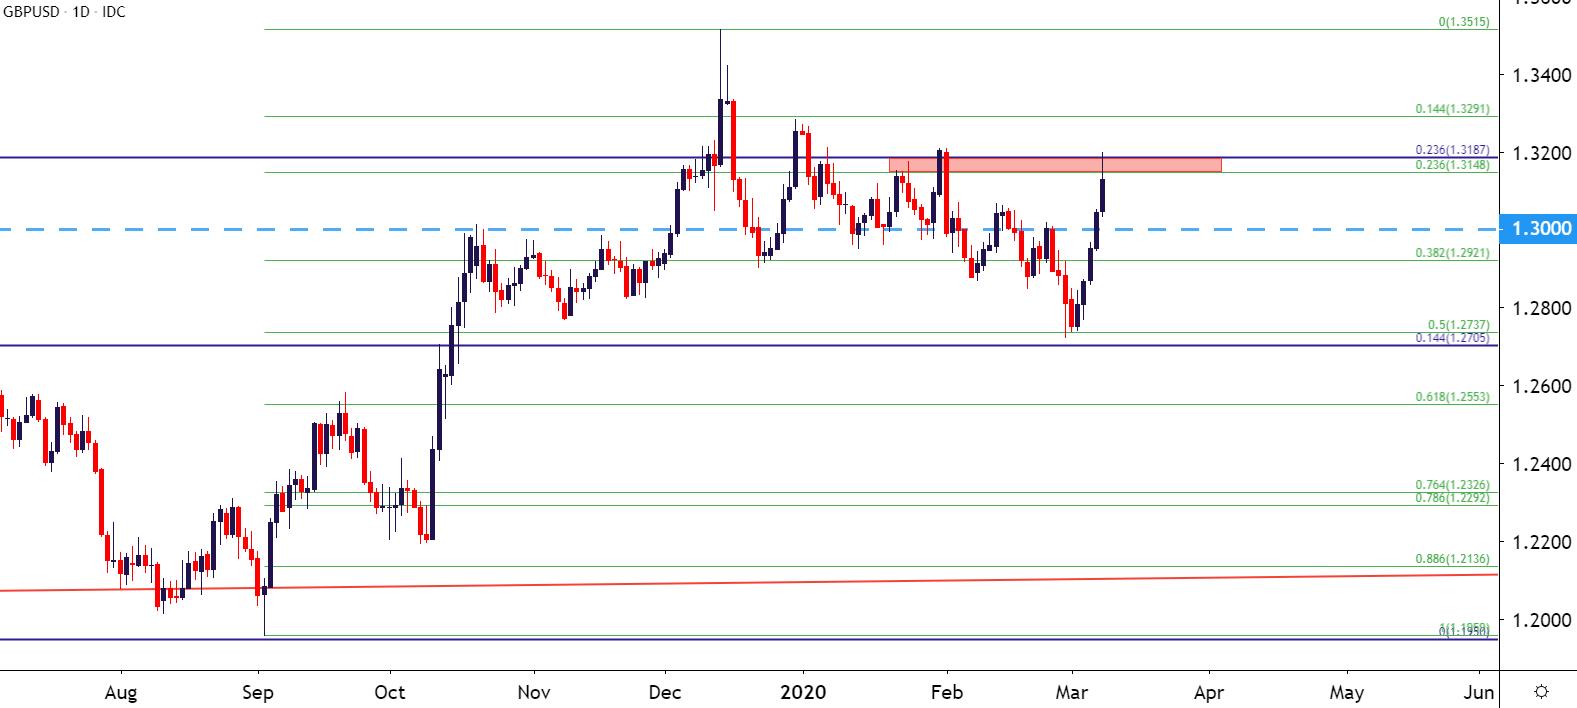 美元走勢分析:歐元/美元、英鎊/美元、美元/日元、美元/加元